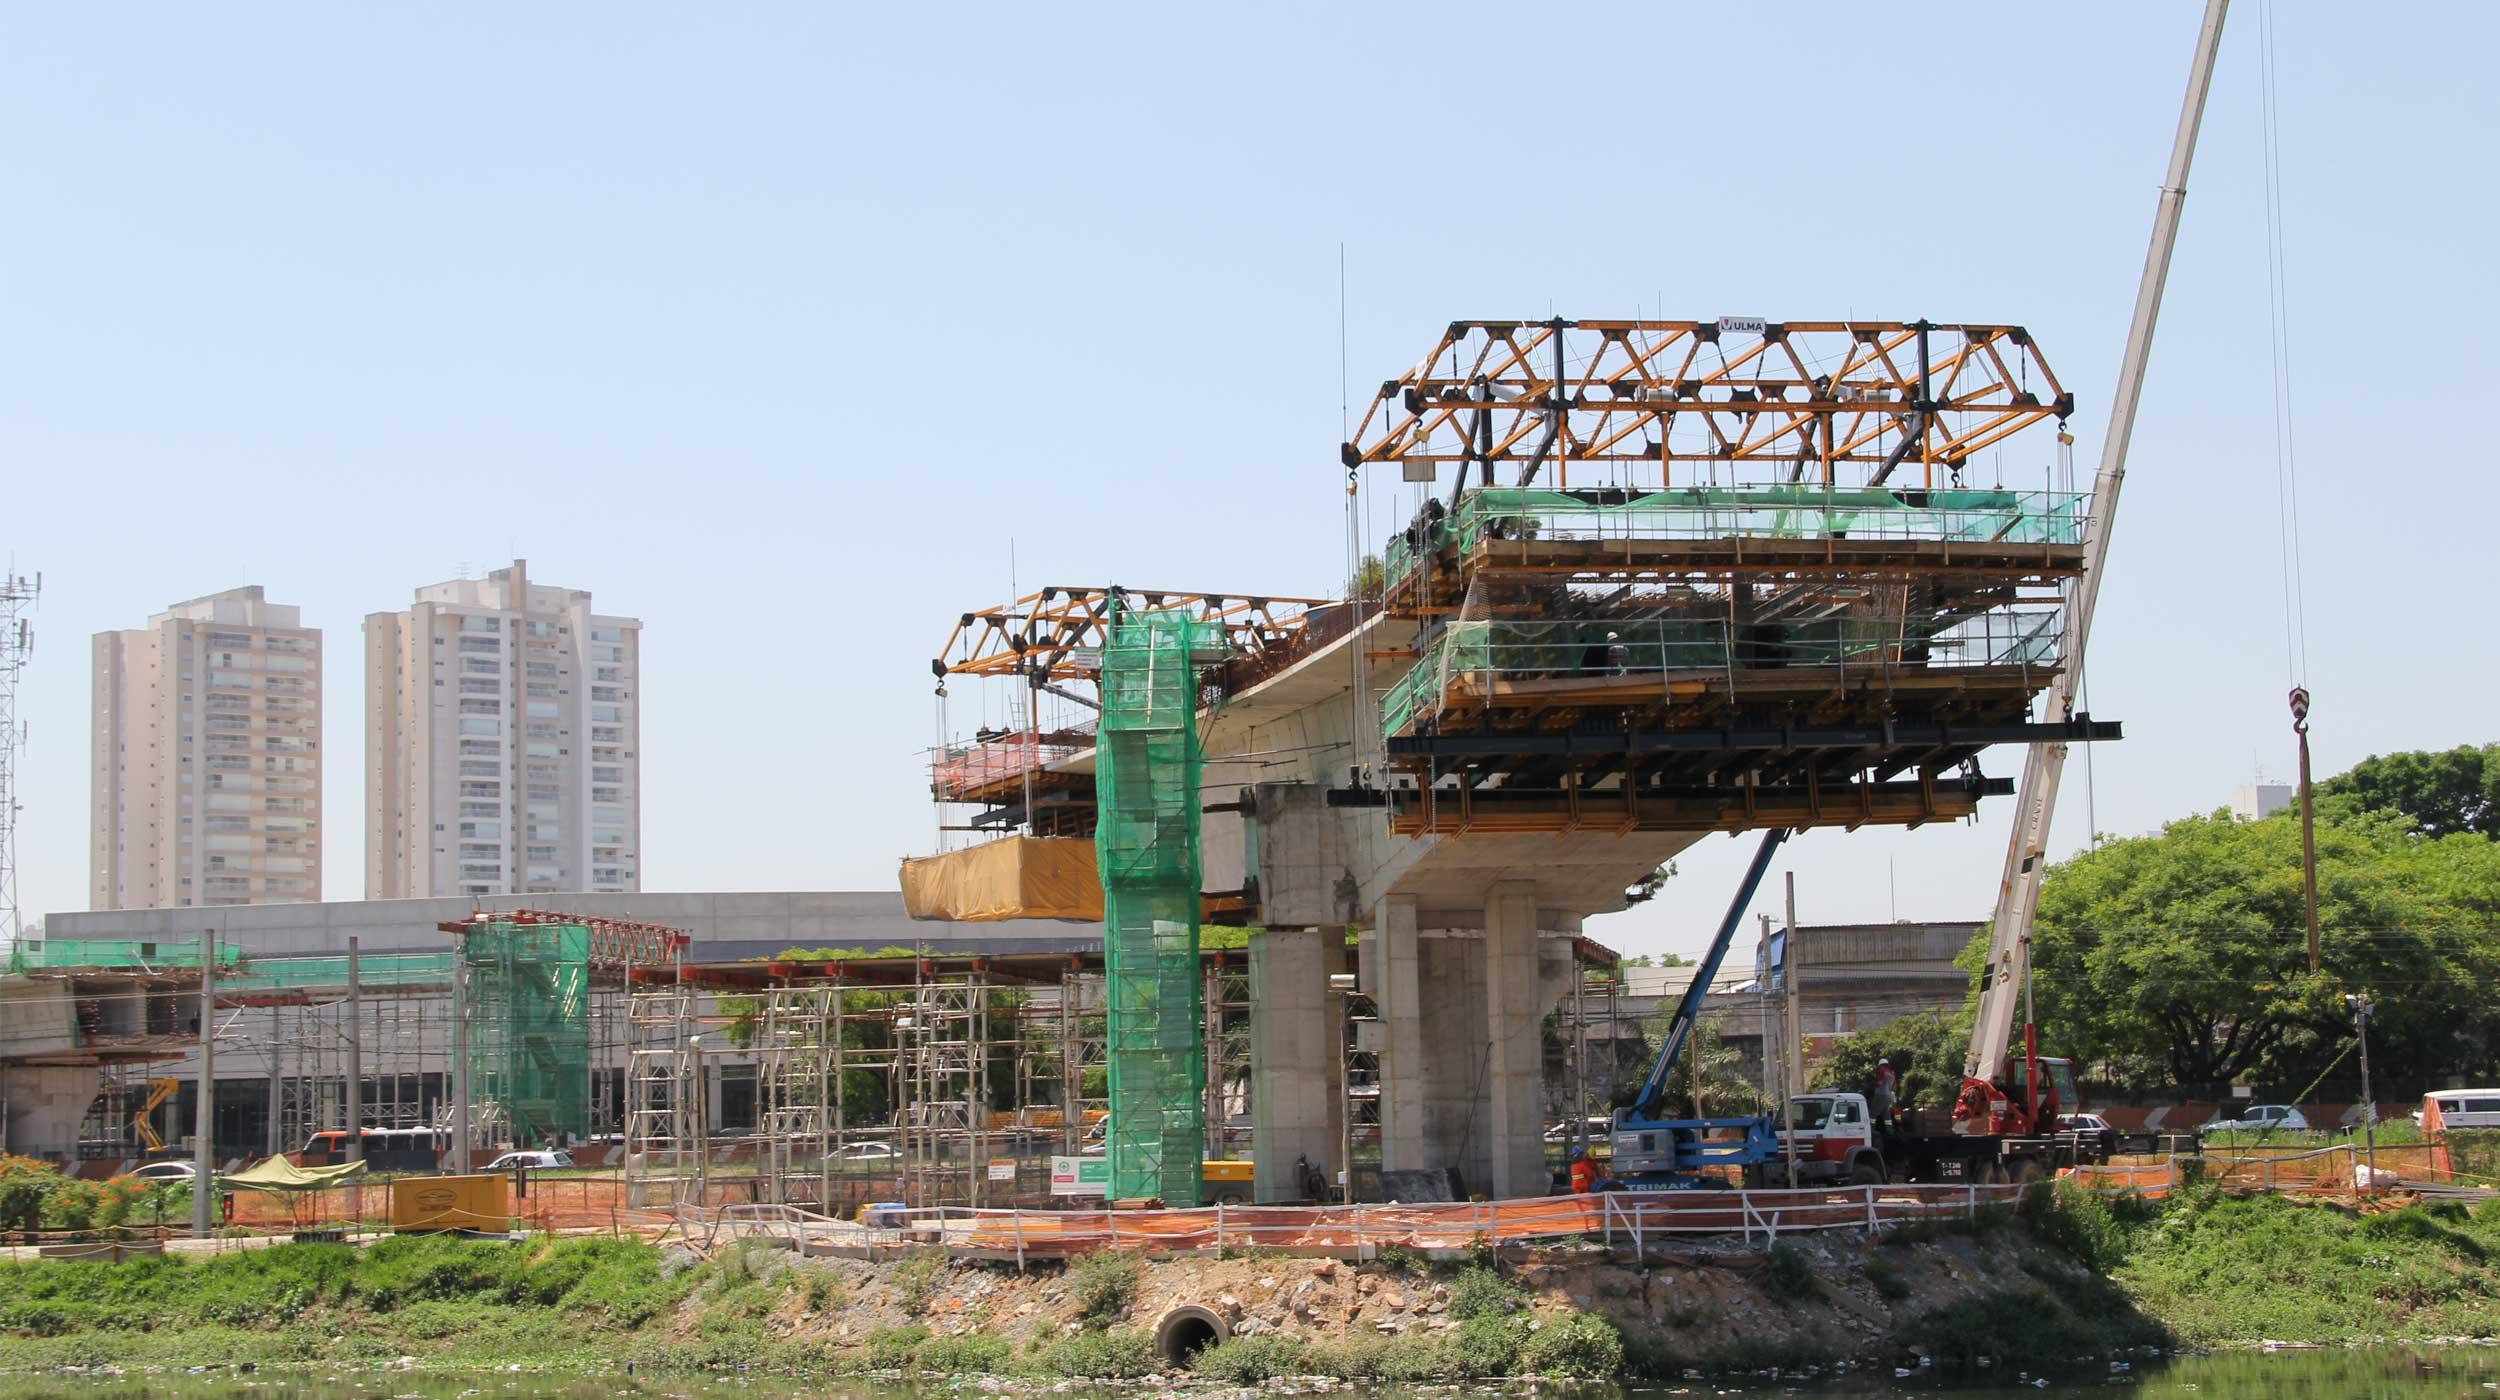 A Ponte Itapaiuna, faz parte do complexo Chucri Zaidan, com 340 metros de extensão, três faixas de rolamento em mão única e ligará a Av. Dr. Chucri Zaidan à Rua Itapaiúna, atravessando a Marginal Pinheiros.